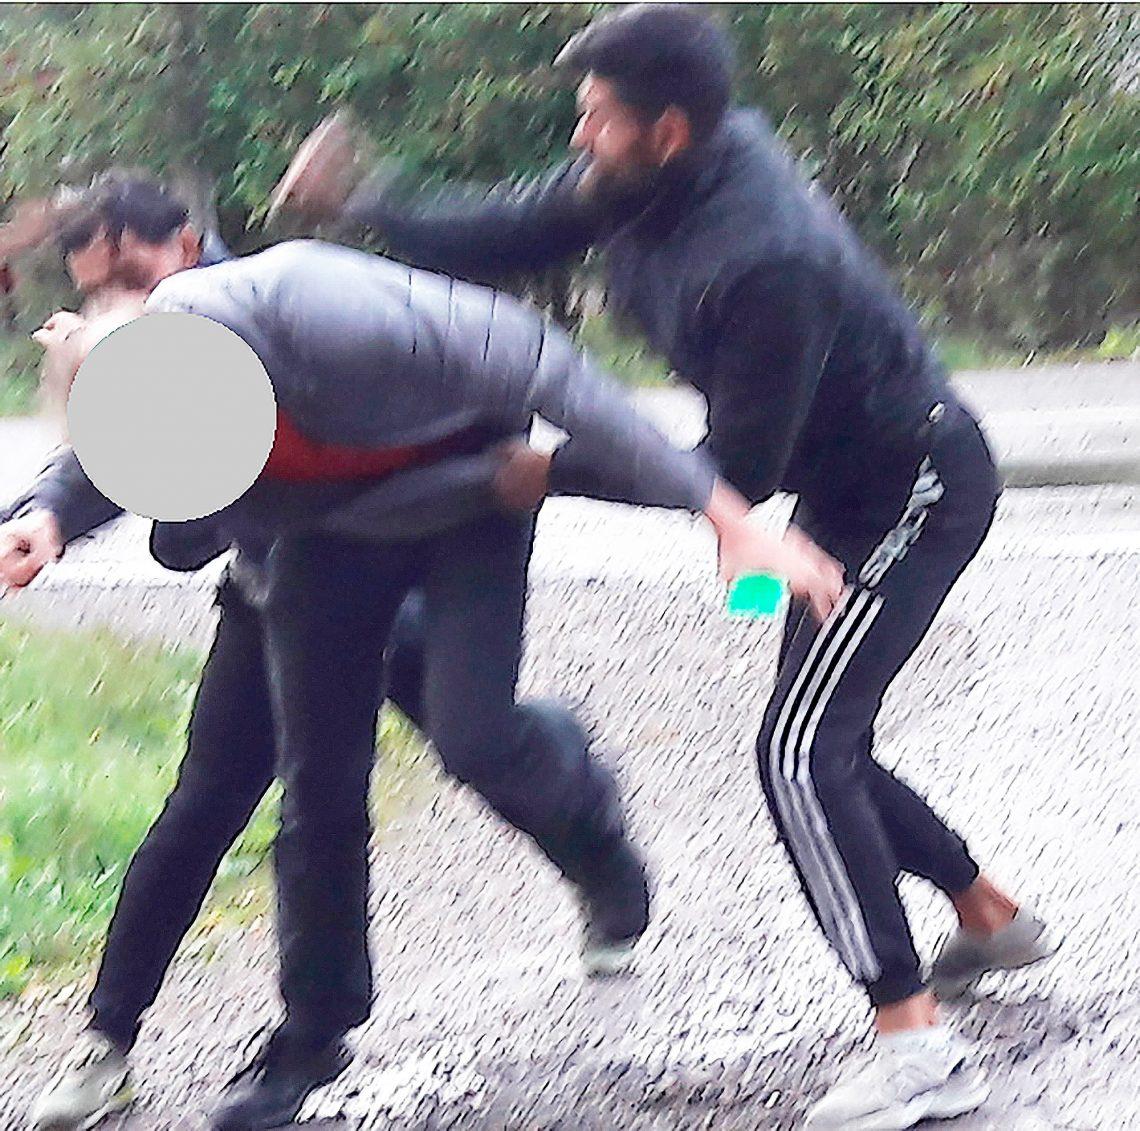 Asuntomurtajat mukiloivat omistajan. Uhrin pää on peitetty kuvassa.